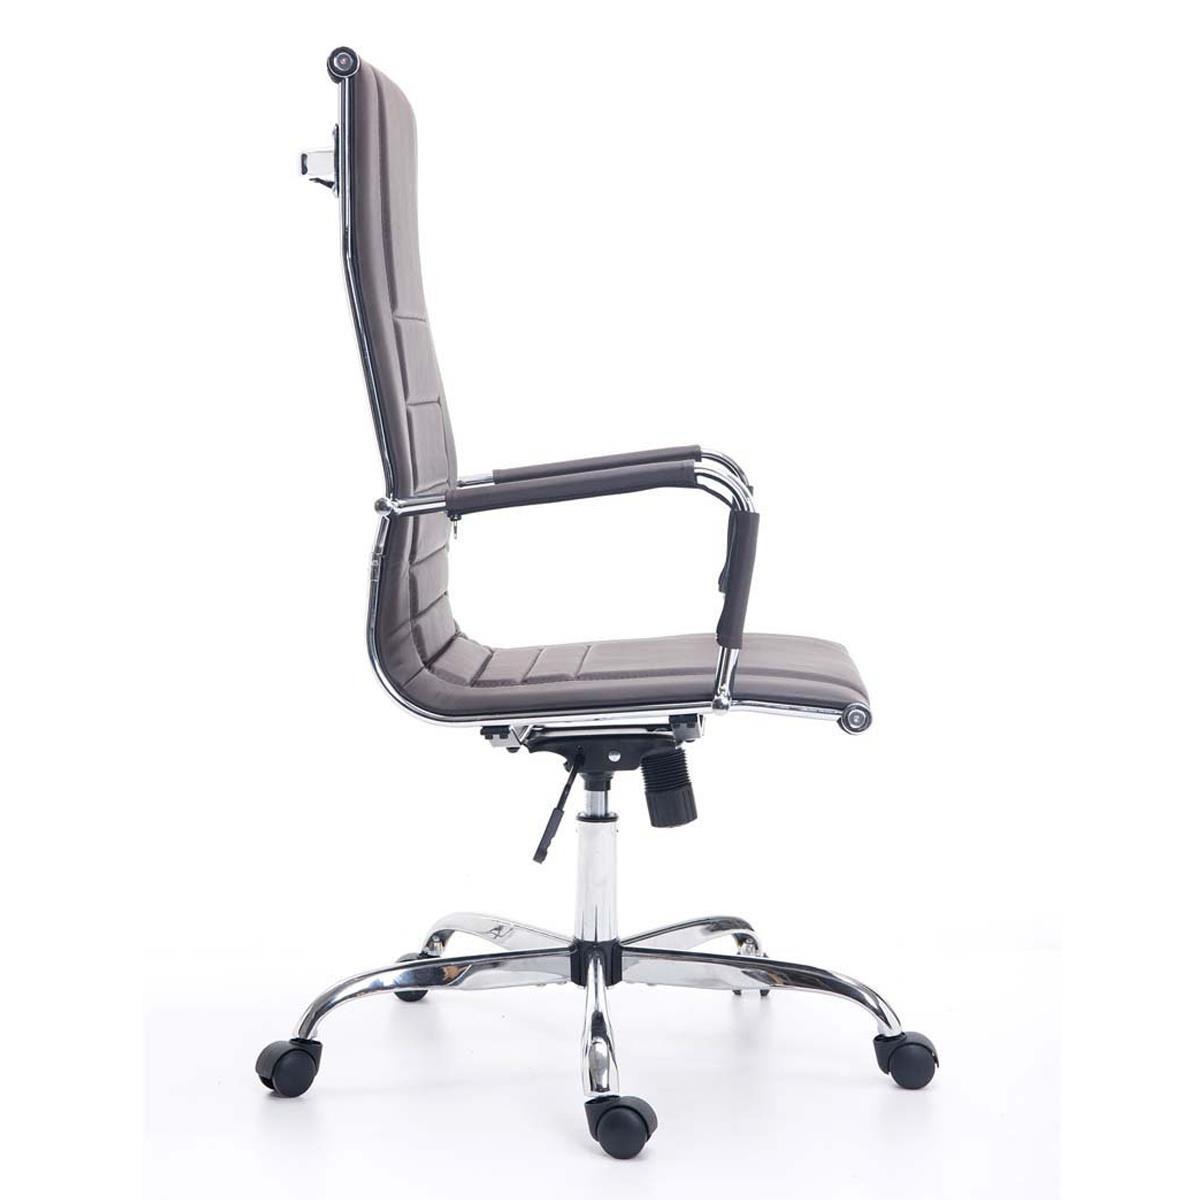 sedia per ufficio kola, struttura in metallo cromato, linee ... - Sedia Rivestimento Tessuto Caffe